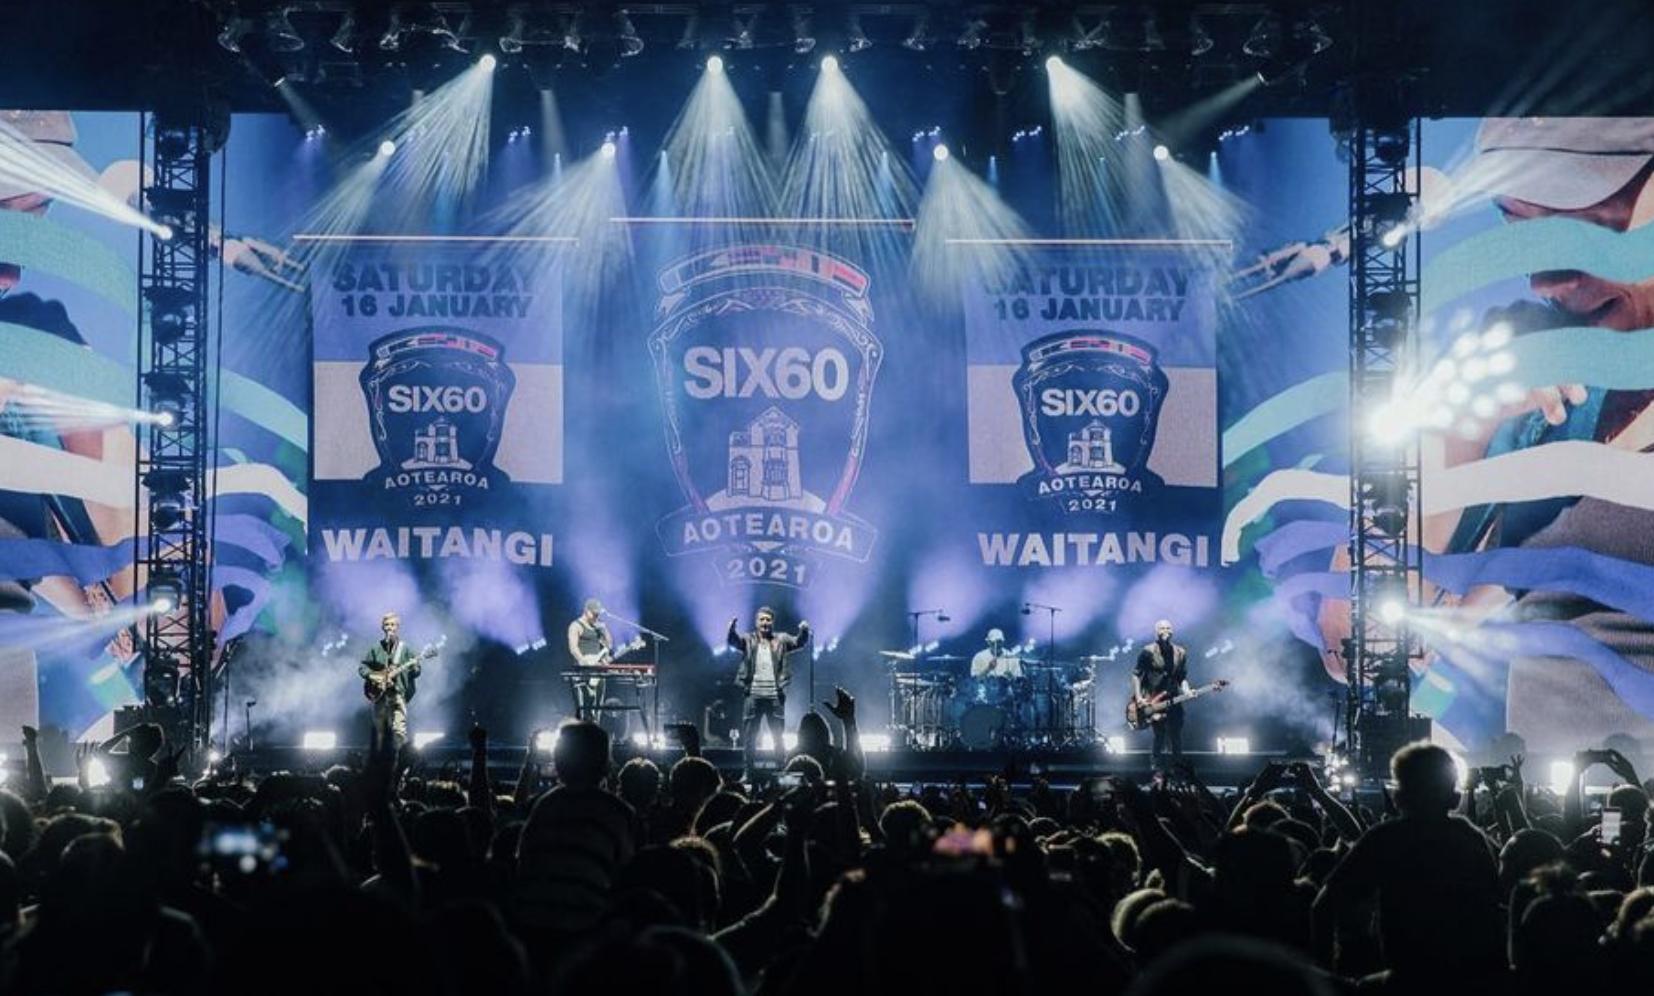 A Nova Zelanda ja han tornat els concerts multitudinaris